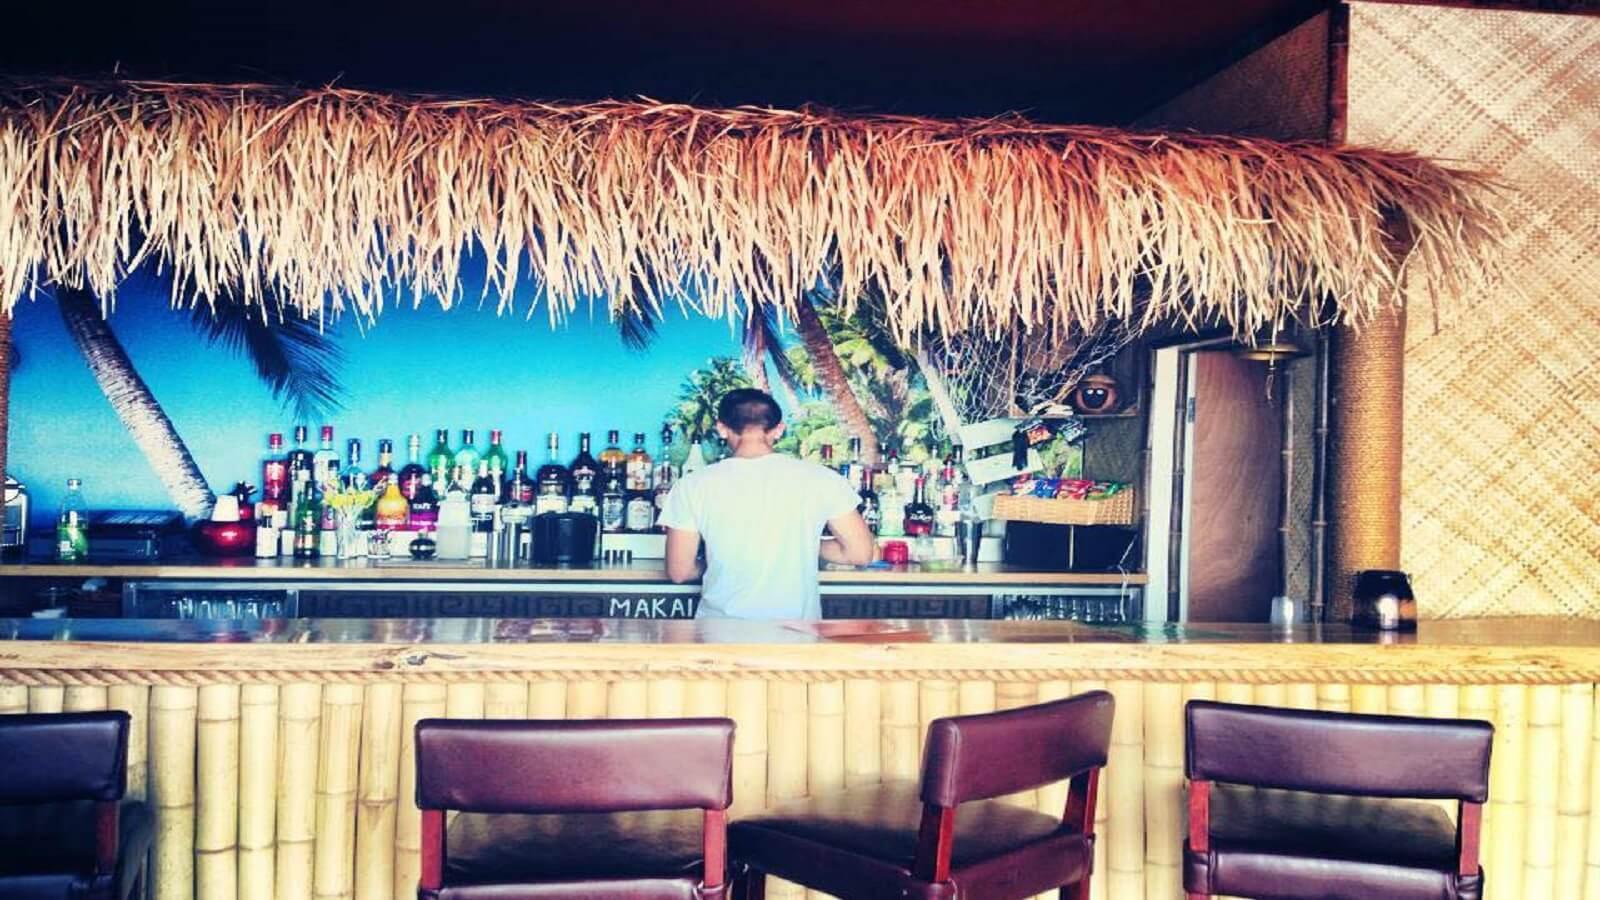 Makai Beach Cafe